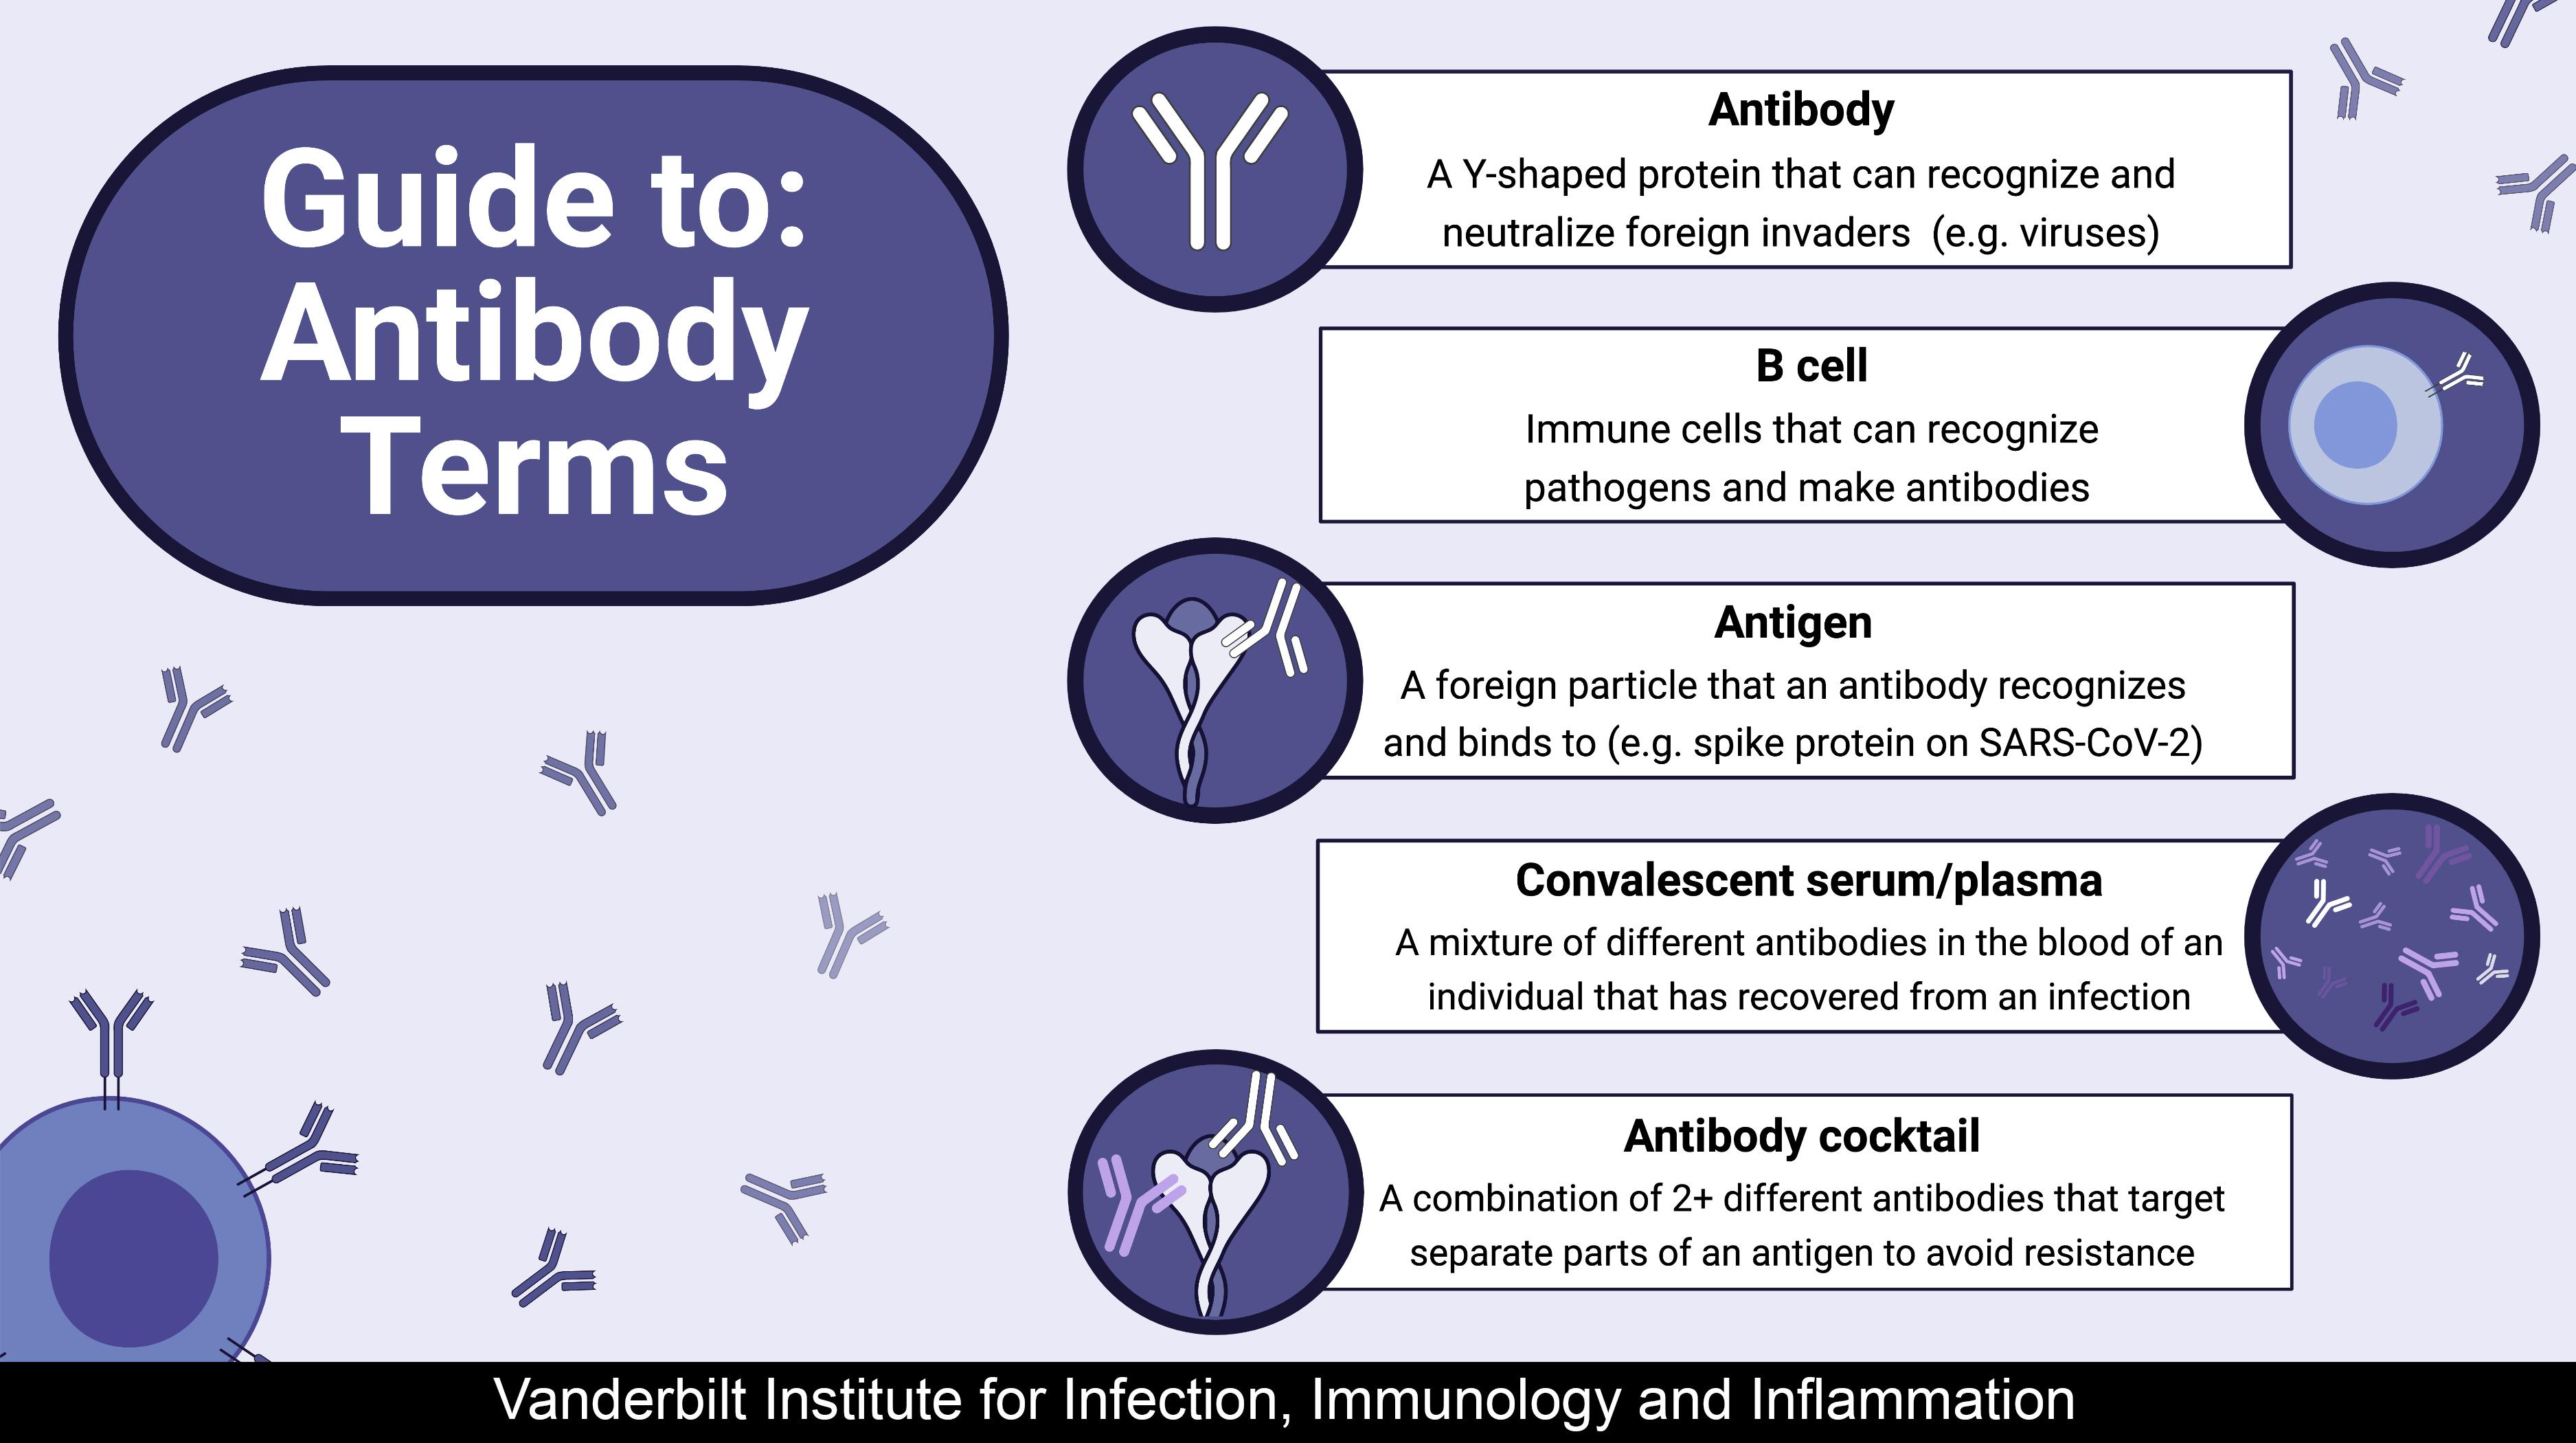 Guide to: Antibody Terms